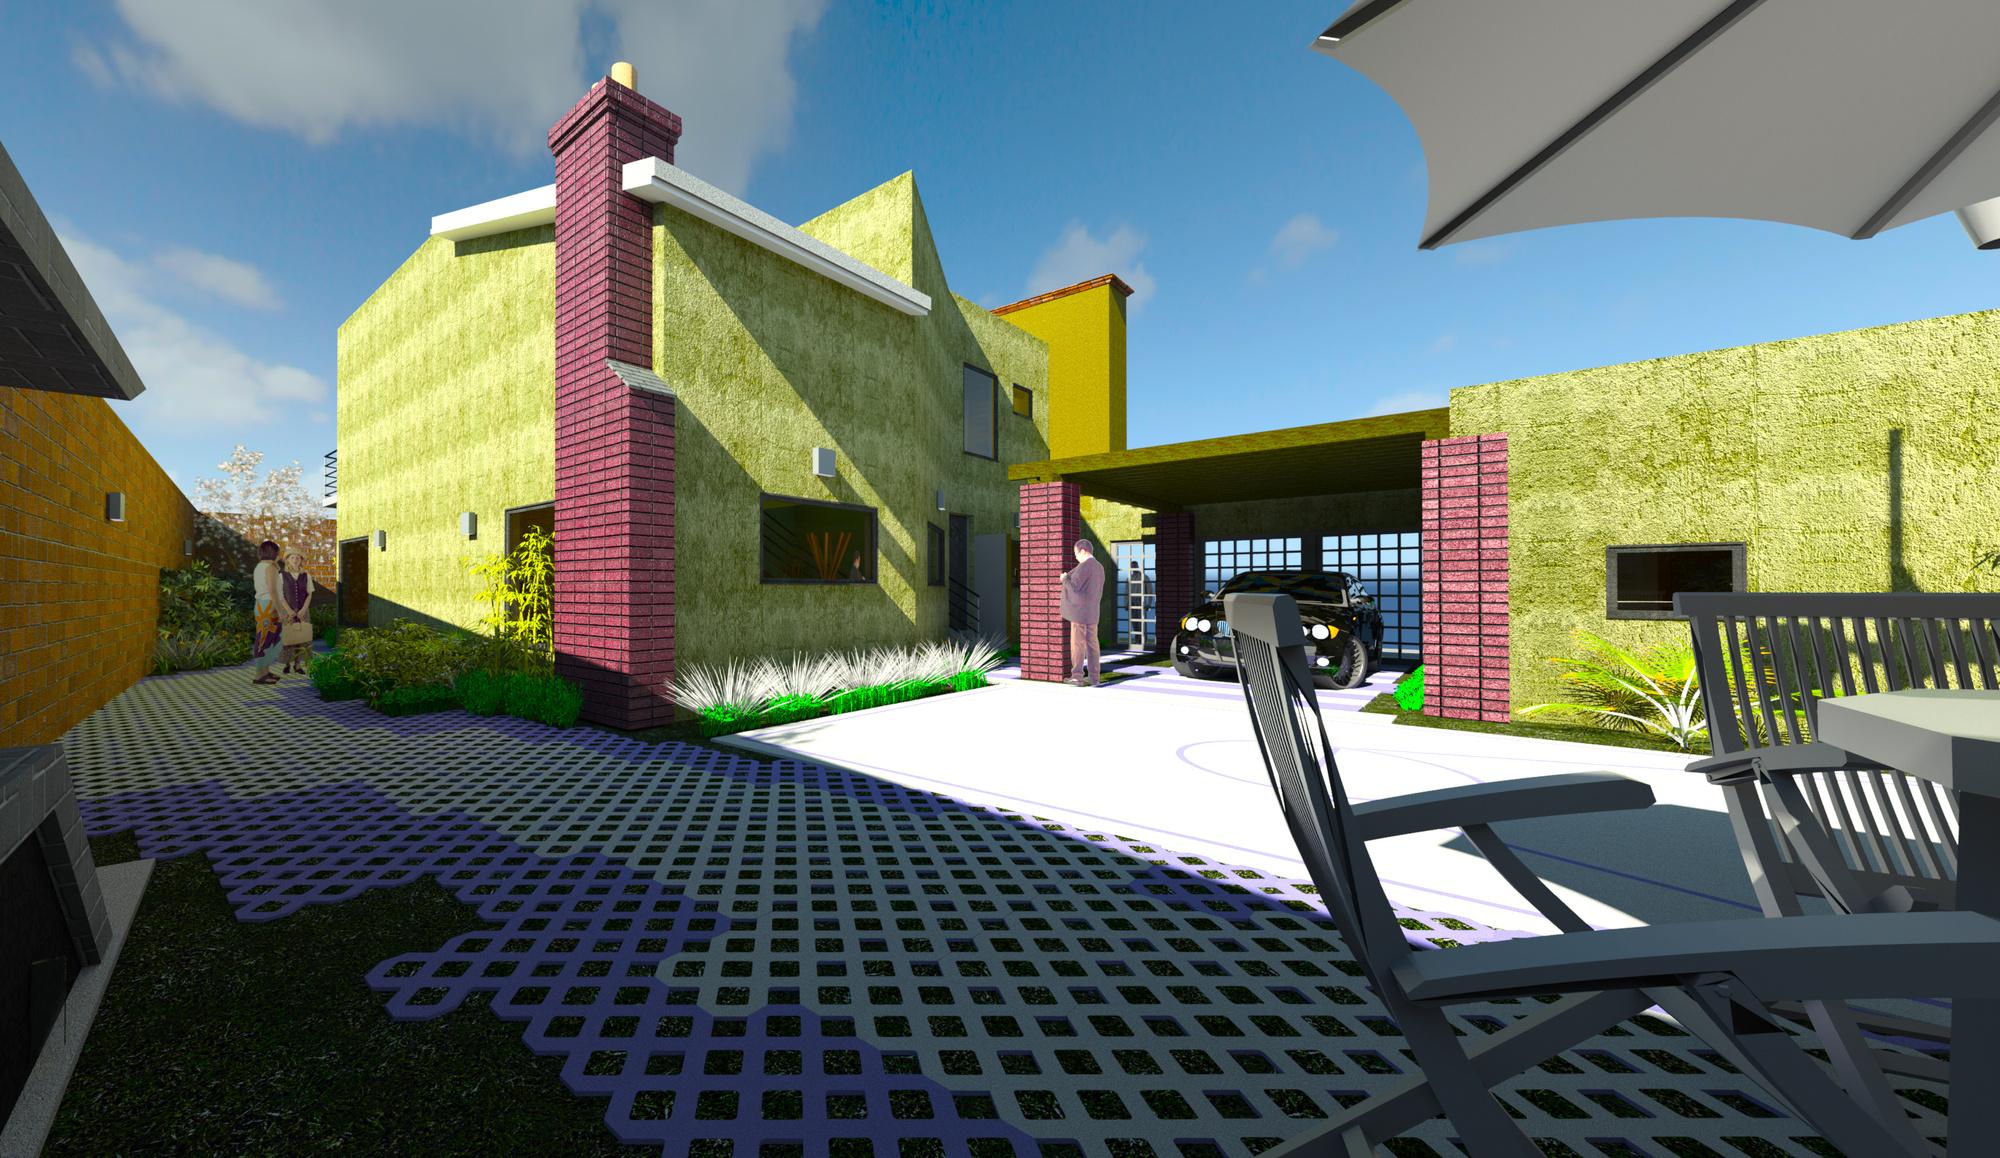 Raas-rendering20150421-21548-1oepxc3